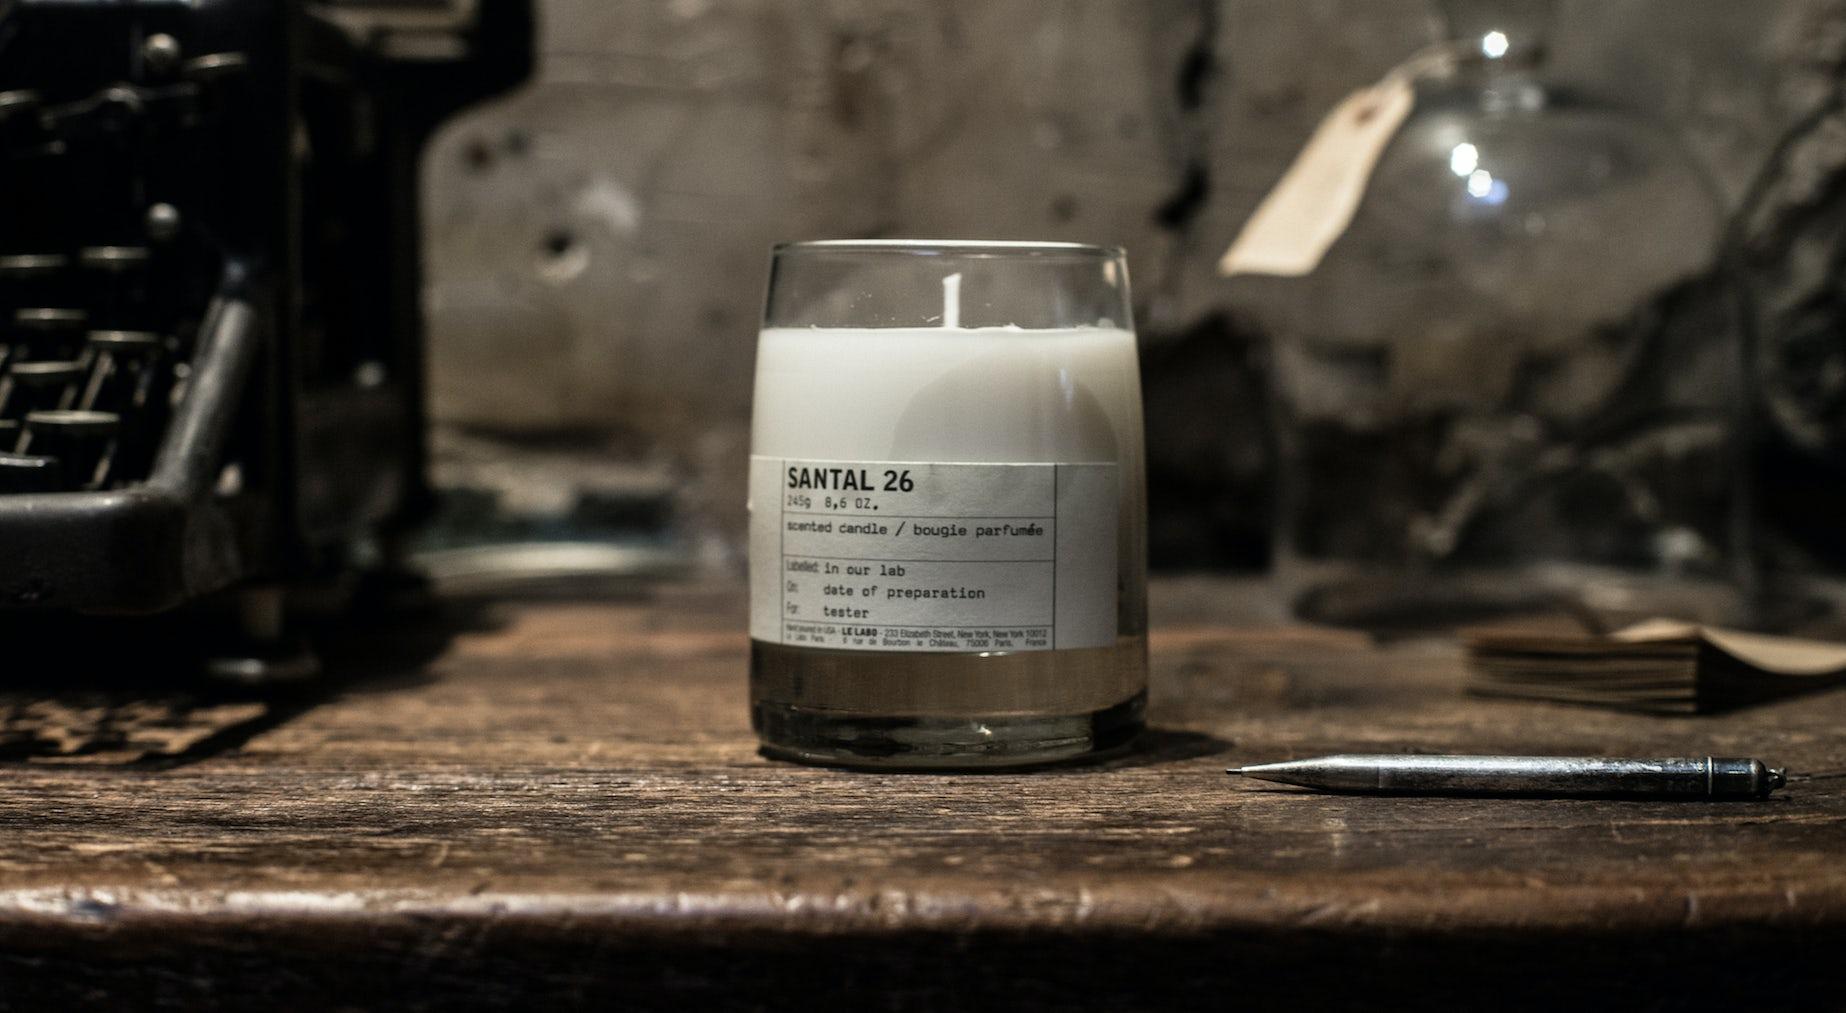 Le Labo's Santal 26 candle | Source: Courtesy